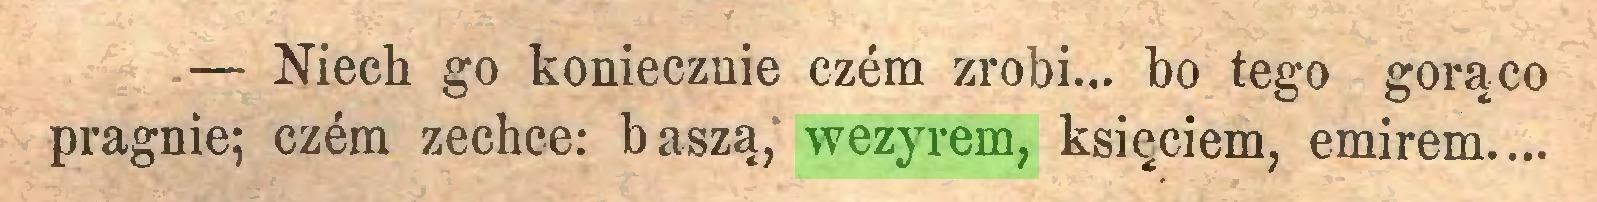 (...) — Niech go koniecznie czem zrobi... bo tego gorąco pragnie; czem zechce: baszą, wezyrem, księciem, emirem...